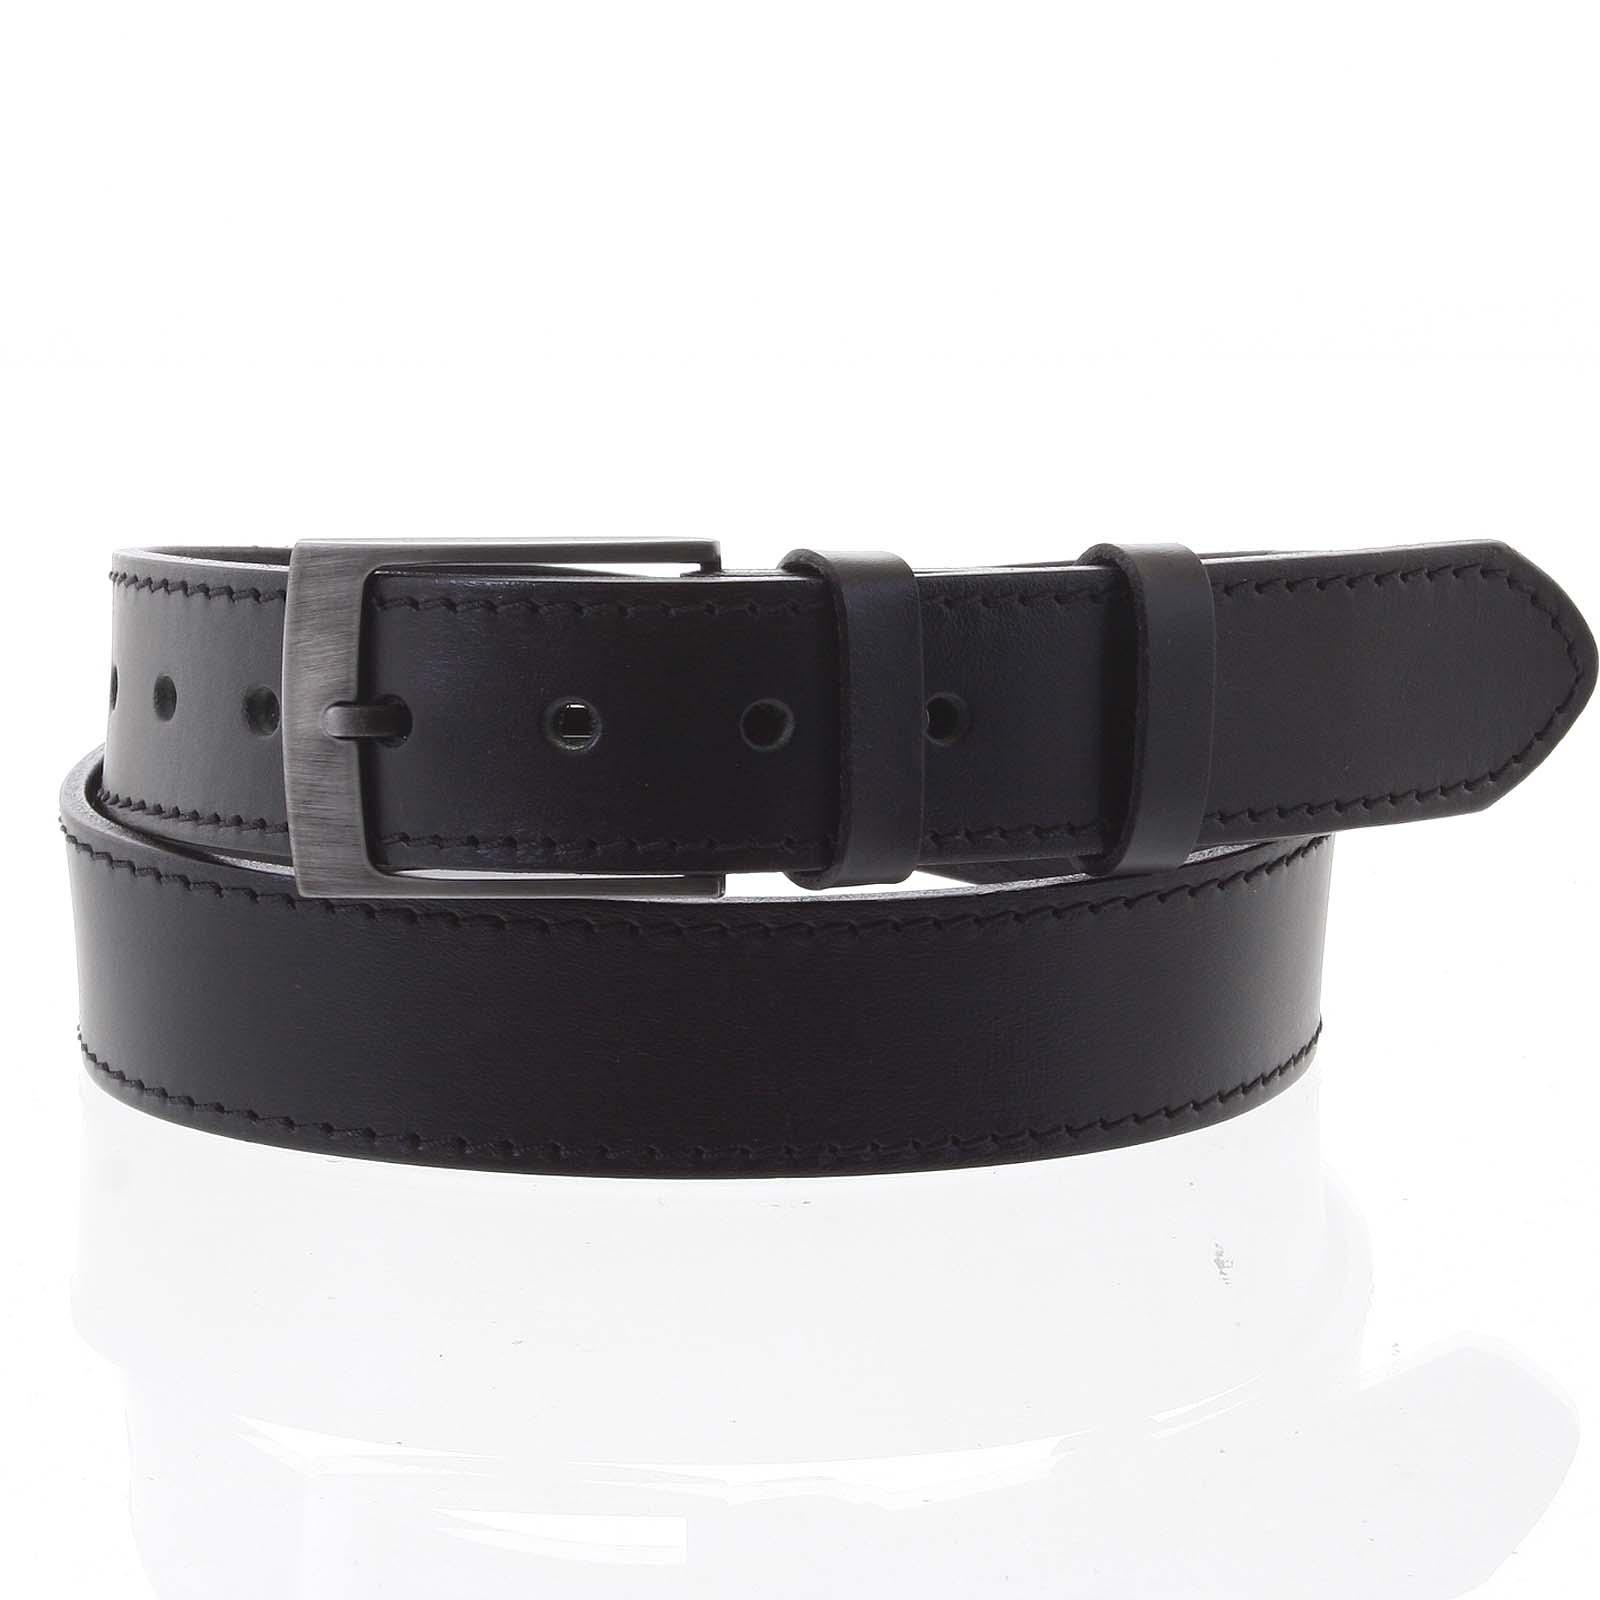 Pánsky kožený opasok jeansový čierny - PB Meroz 115